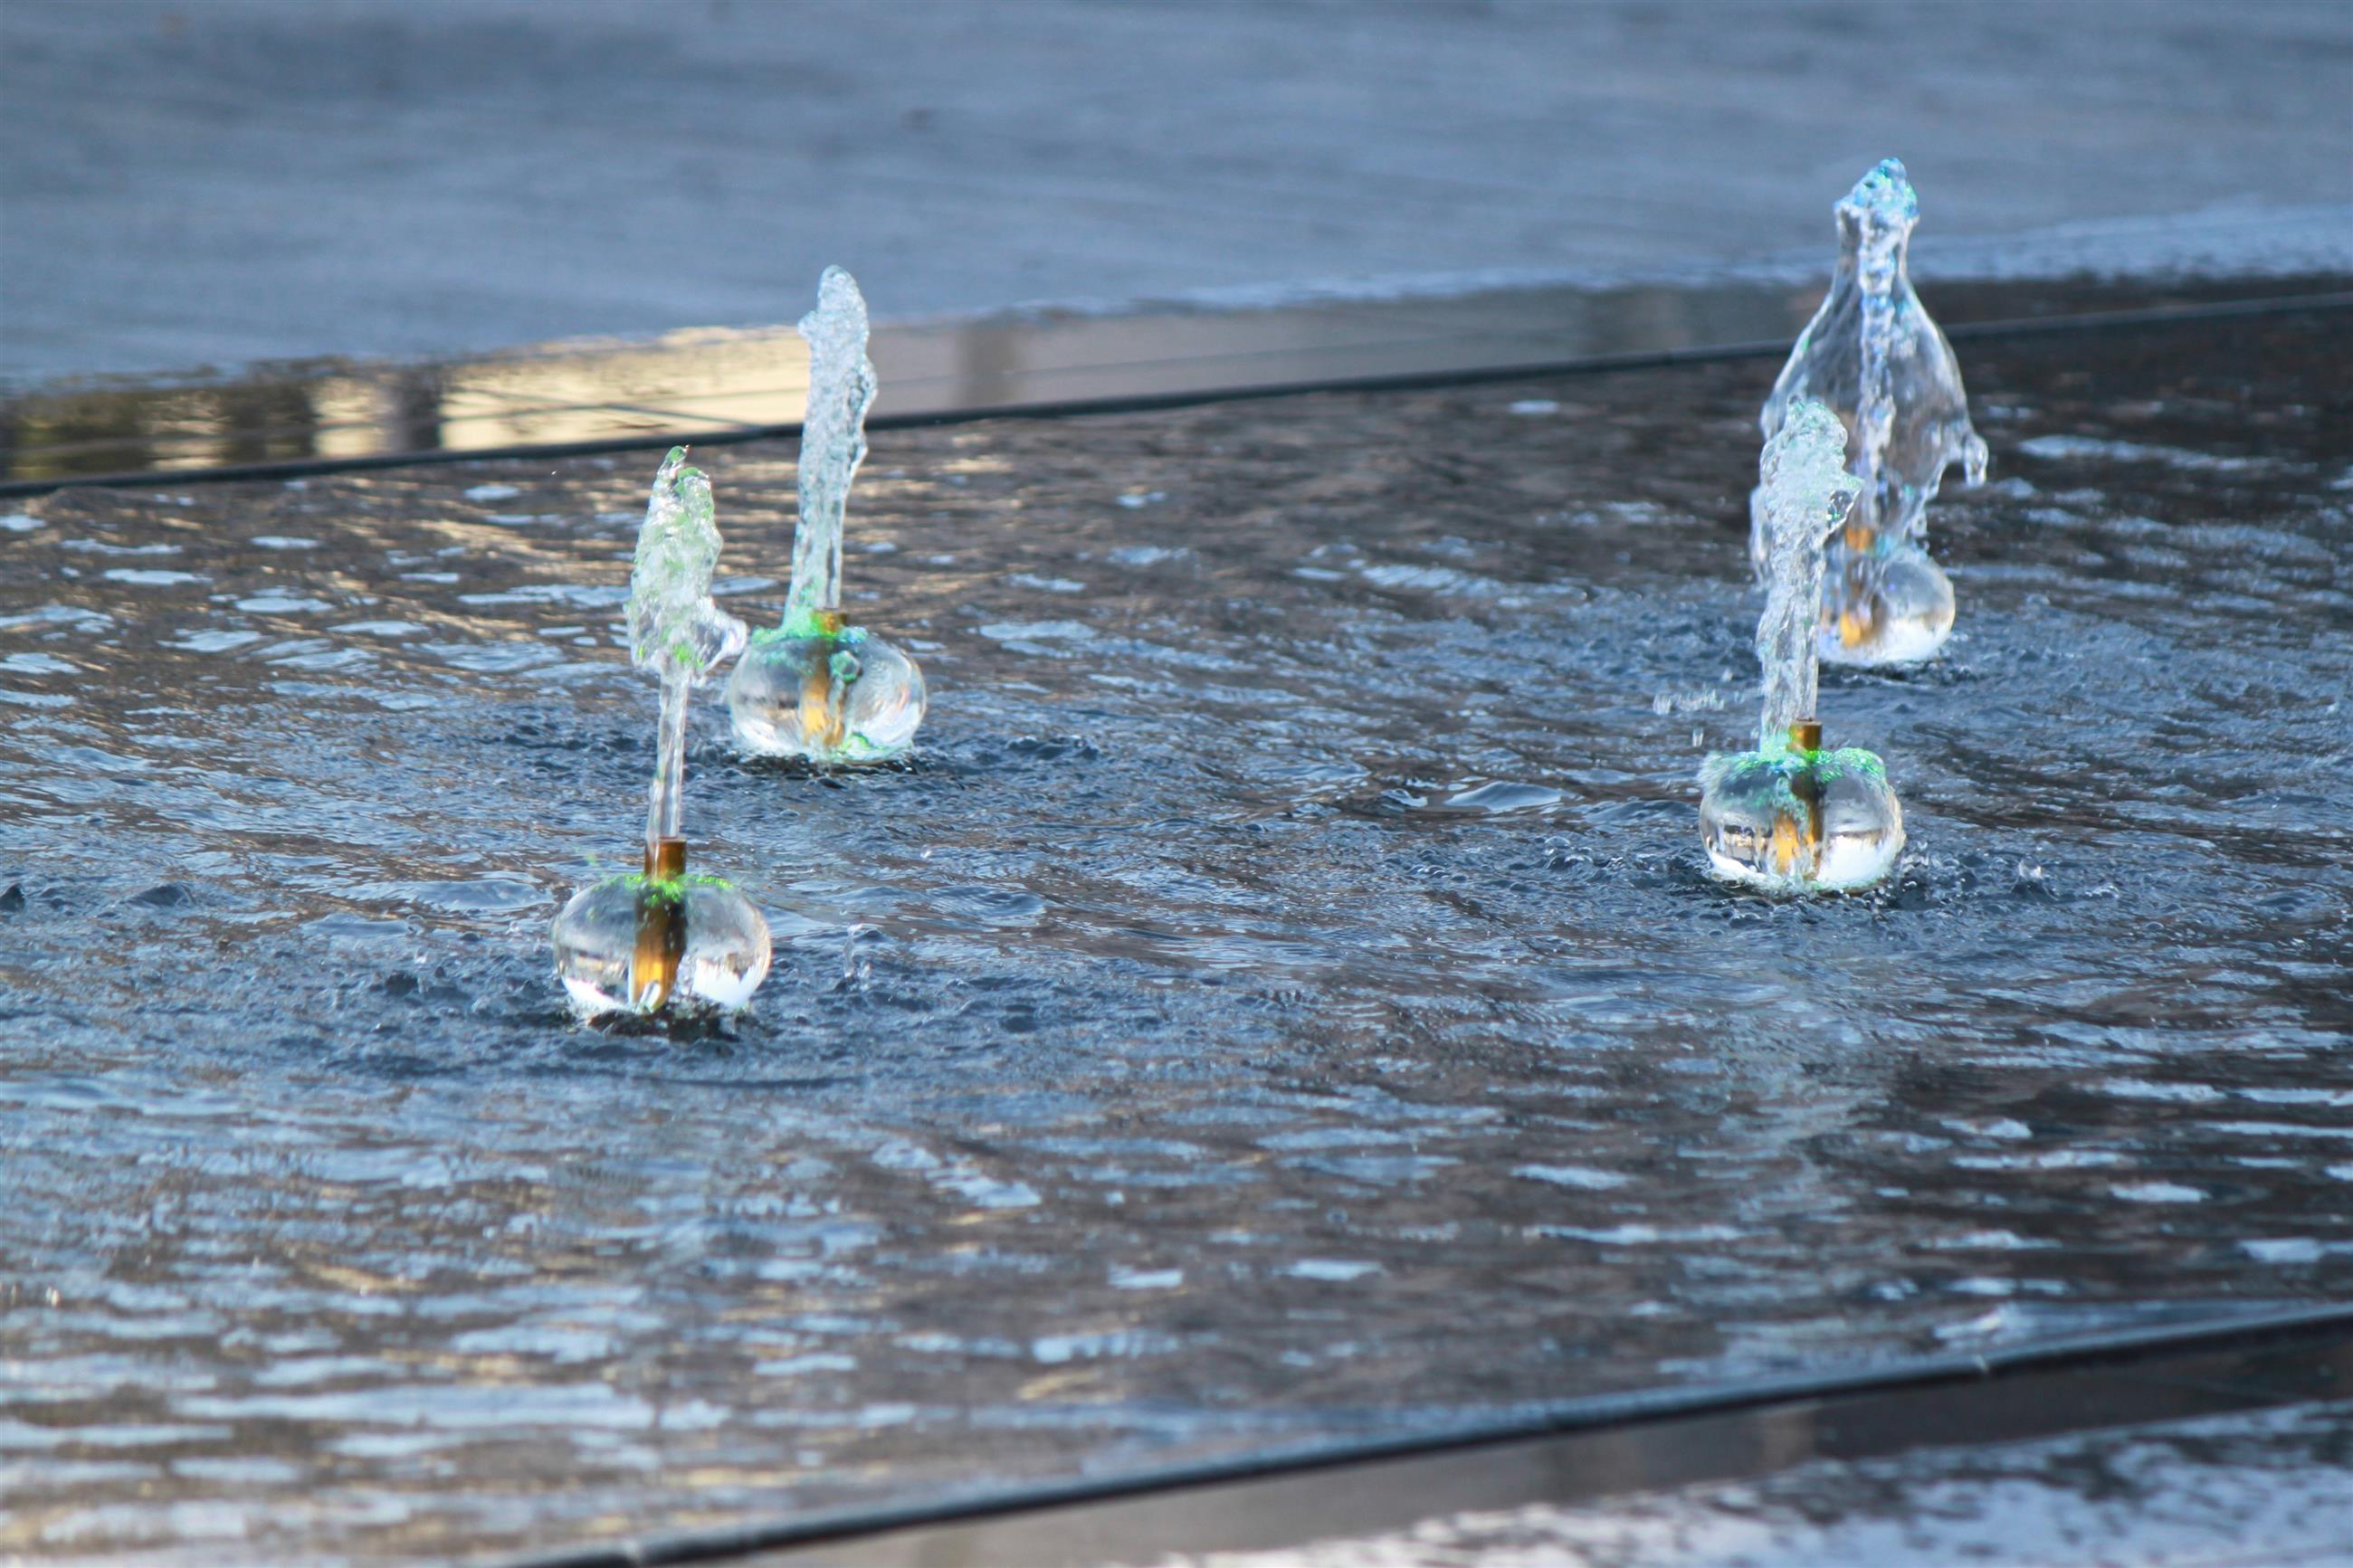 Sphères polycarbonate à leds pour mise en valeur des effets d'eau